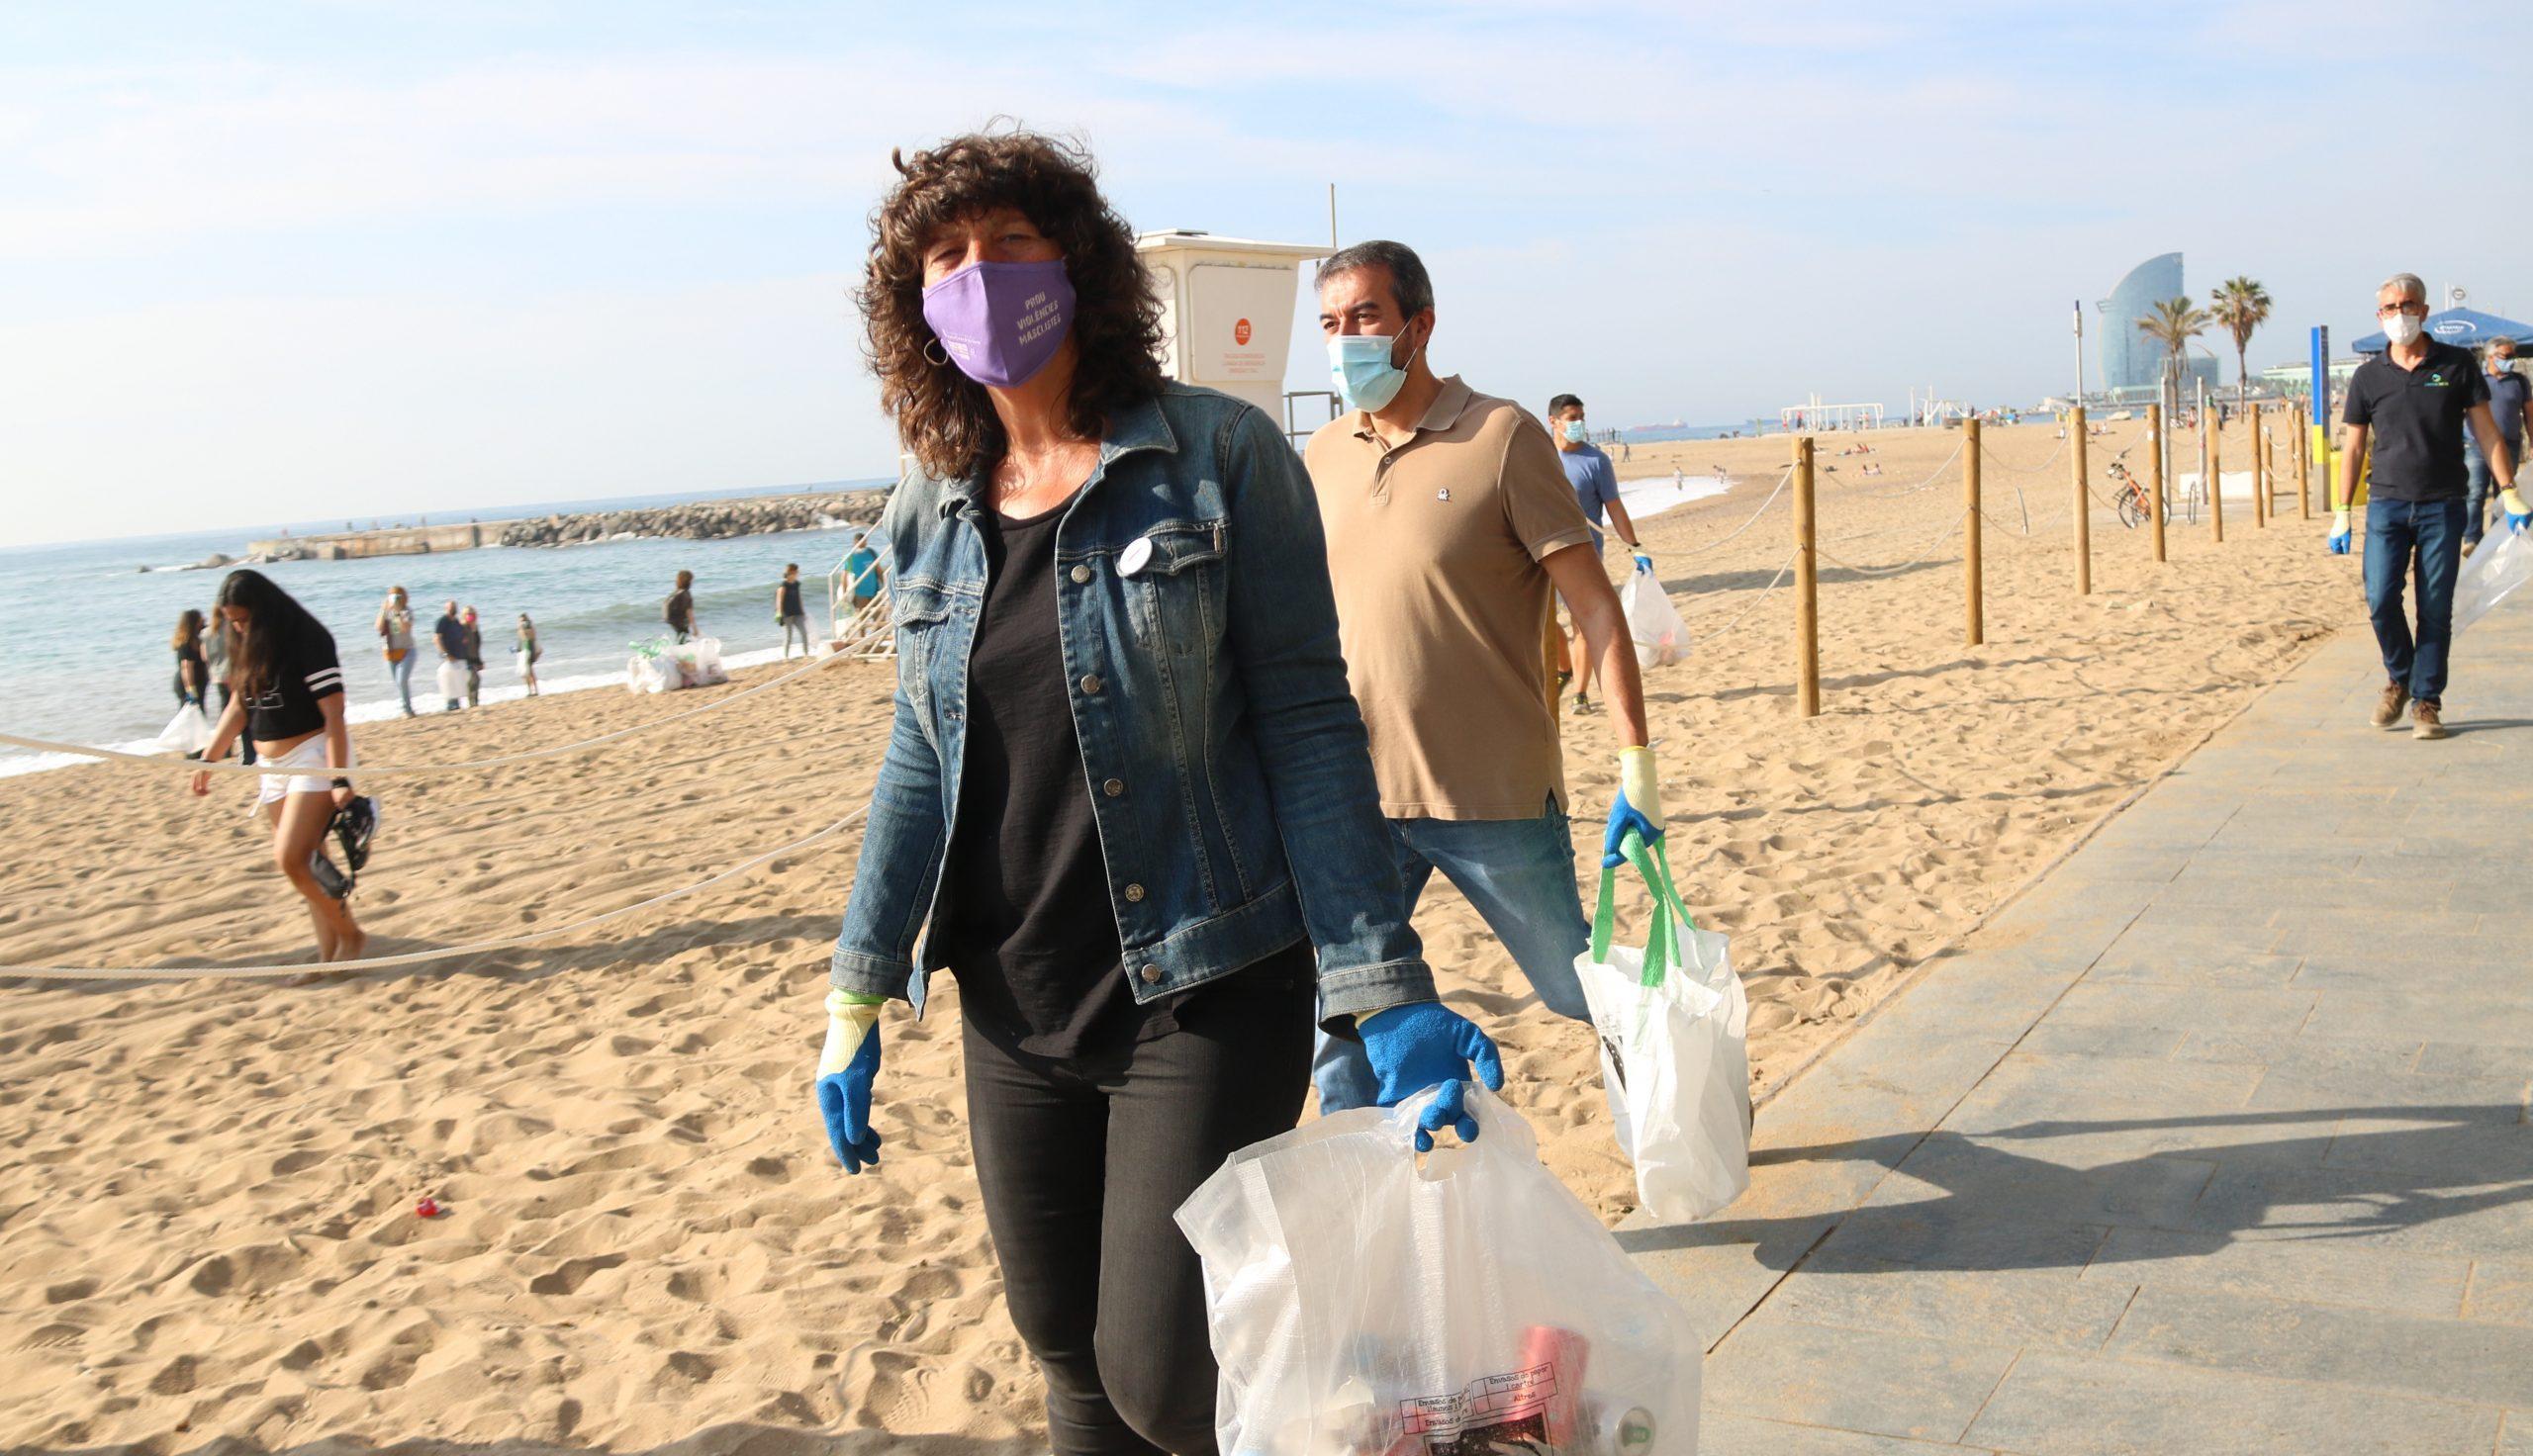 La consellera d'Acció Climàtica, Teresa Jordà, recollint deixalles a la platja del Somorrostro de Barcelona (ACN)